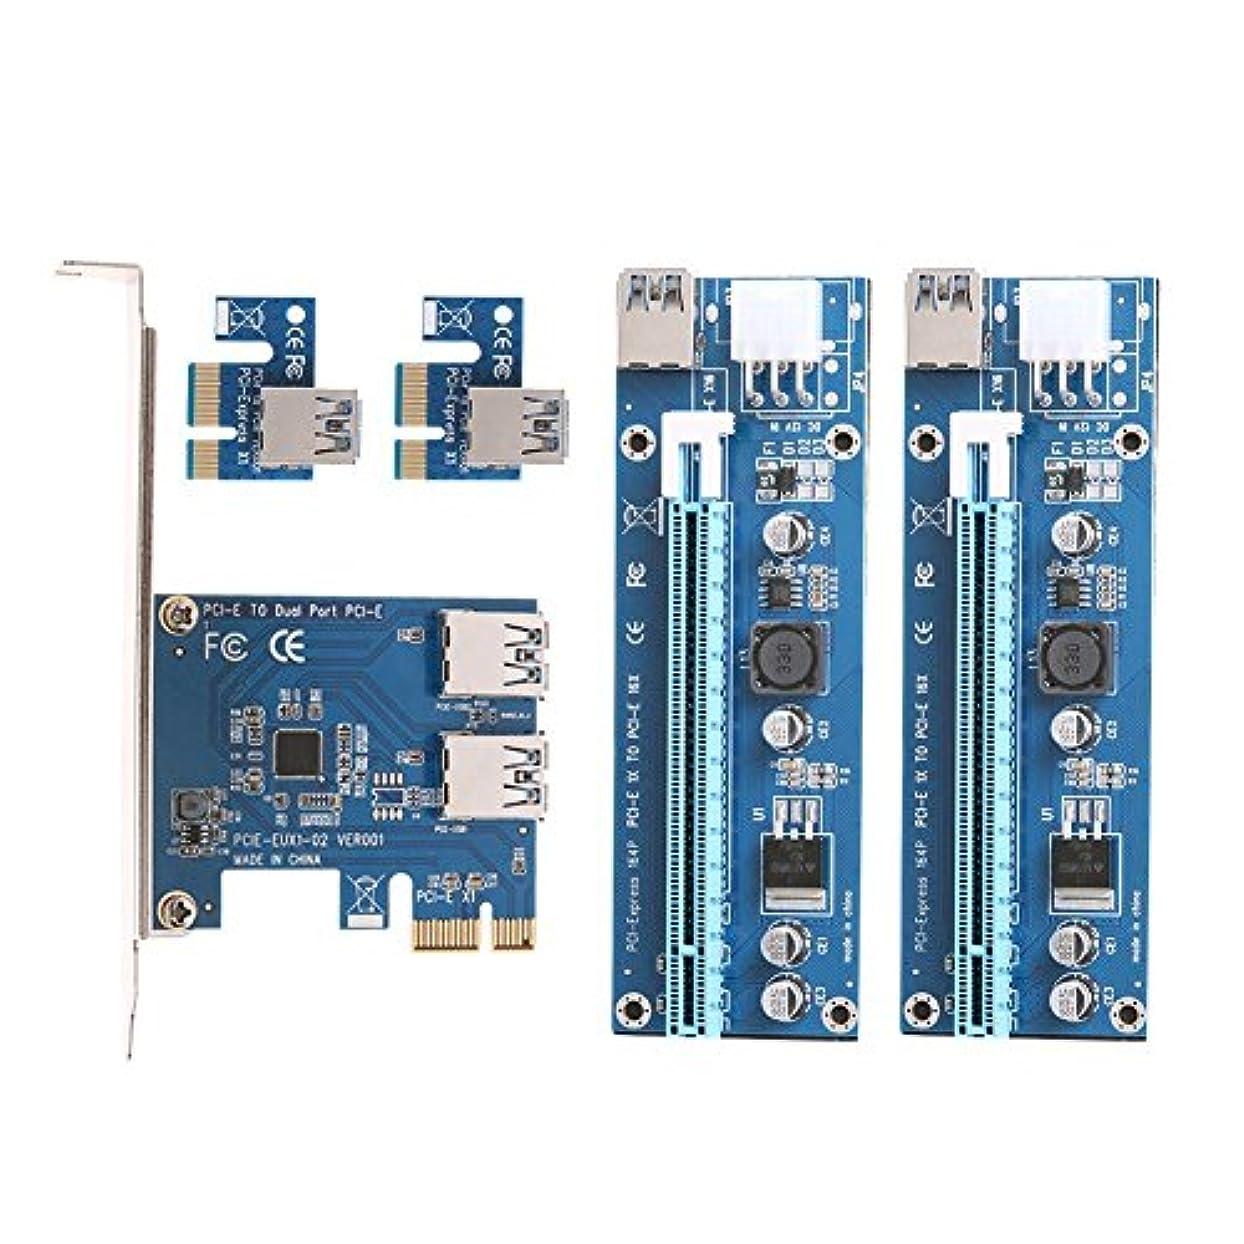 後世災害レールPCI - E toデュアルUSB 3.0コンバータカードとデュアルPCI - Eスロット6ピンアダプタカード